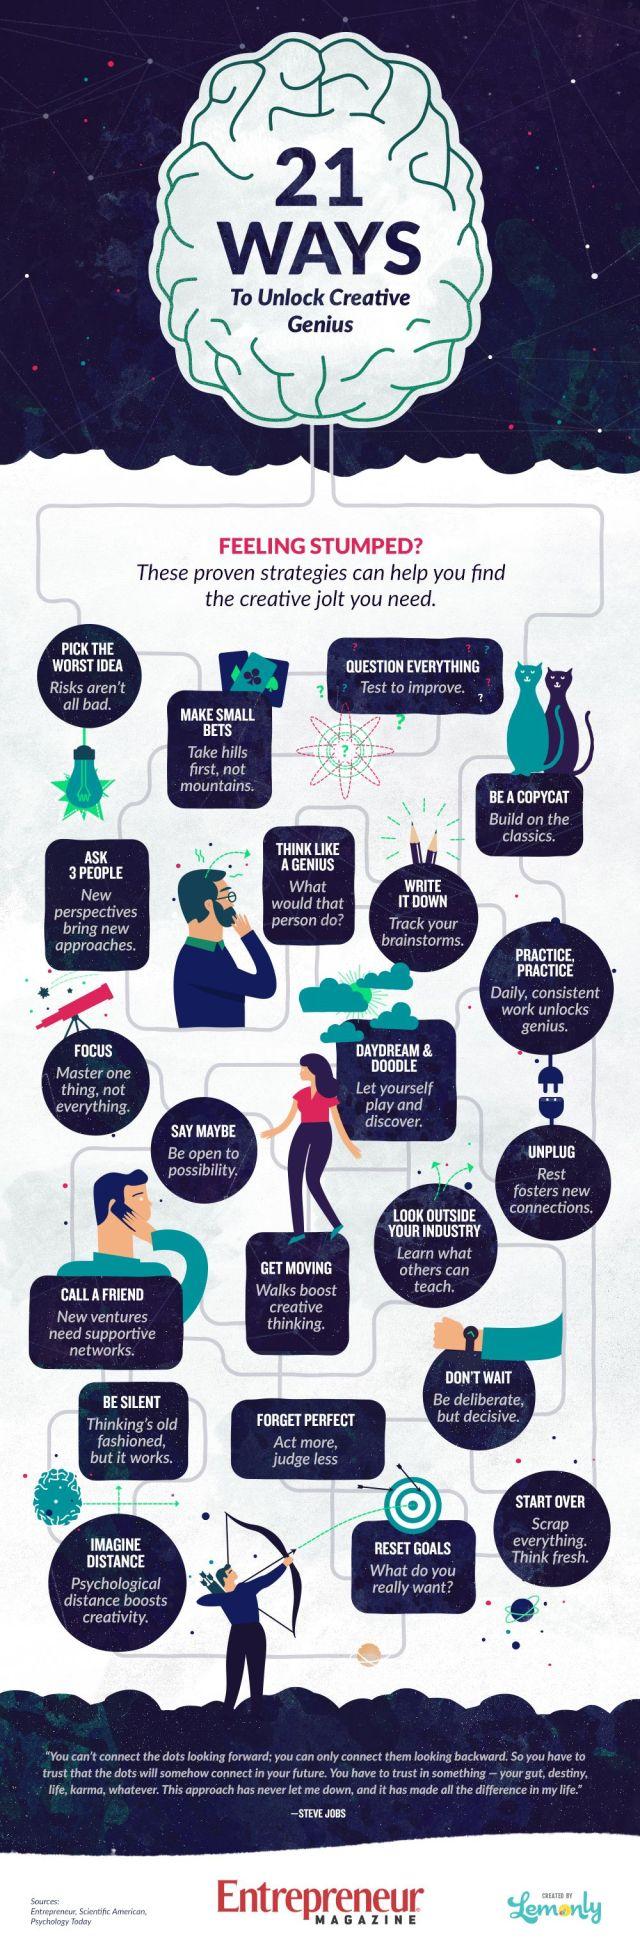 21 Ways to Unlock Creative Genius #infographic